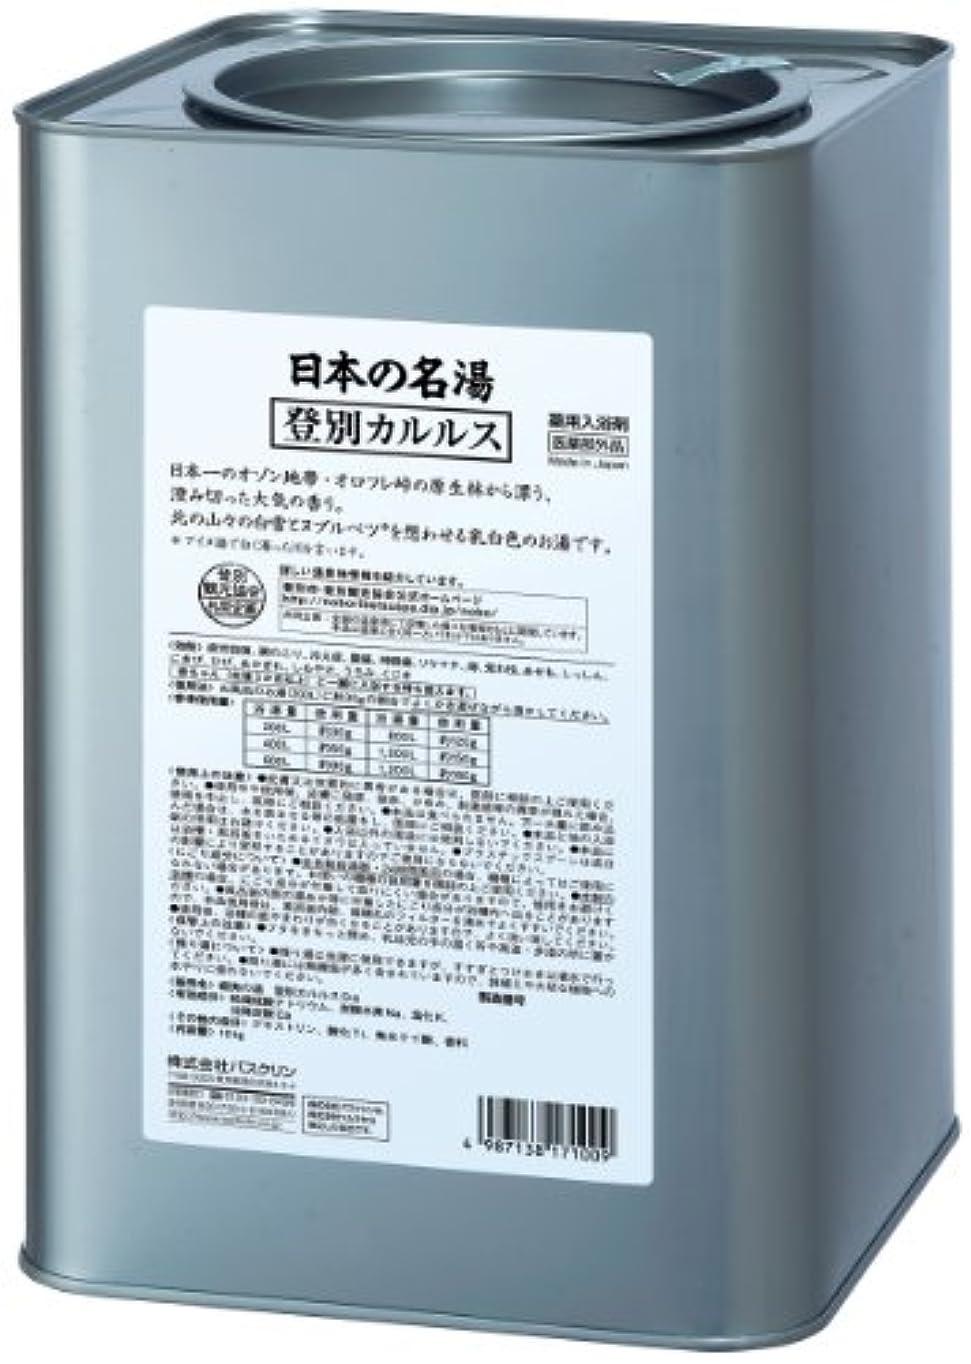 お祝い些細省【医薬部外品/業務用】日本の名湯入浴剤 登別カルルス(北海道)10kg 大容量 温泉成分 温泉タイプ